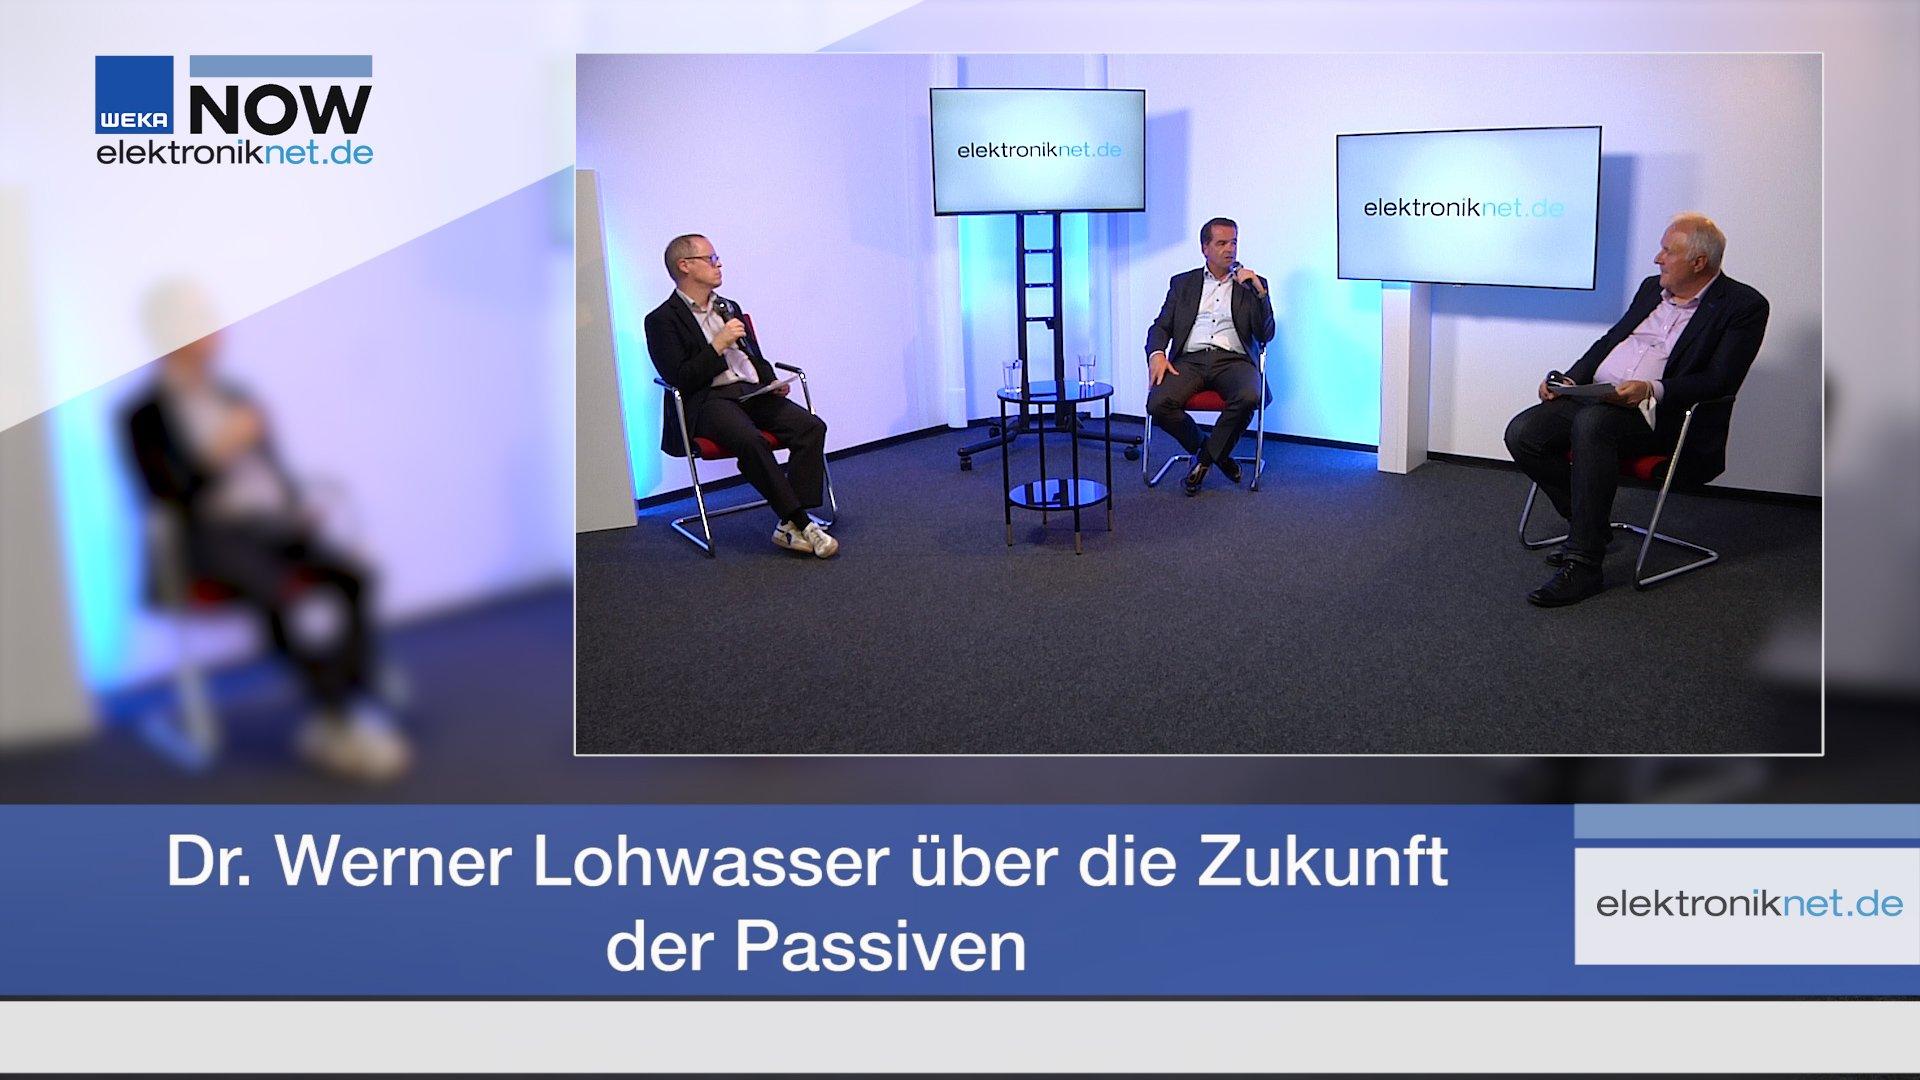 Dr. Werner Lohwasser über die Zukunft der Passiven